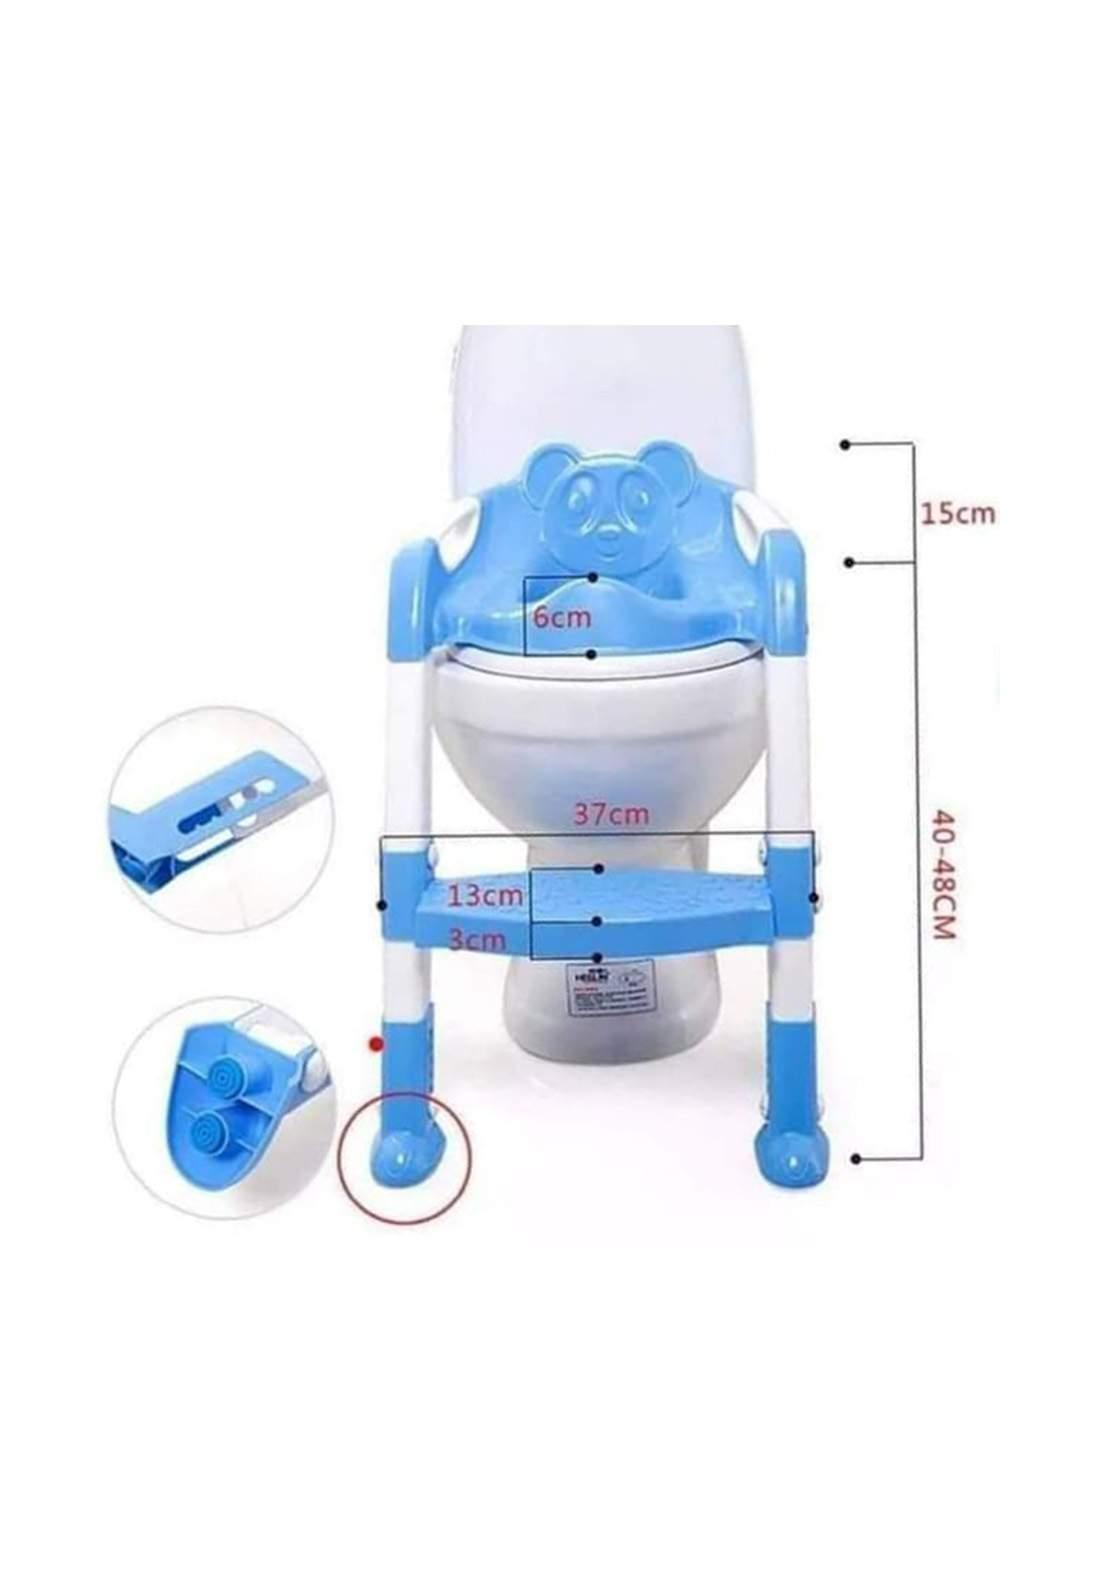 Baby Toilet Seat  مقعد مرحاض للأطفال